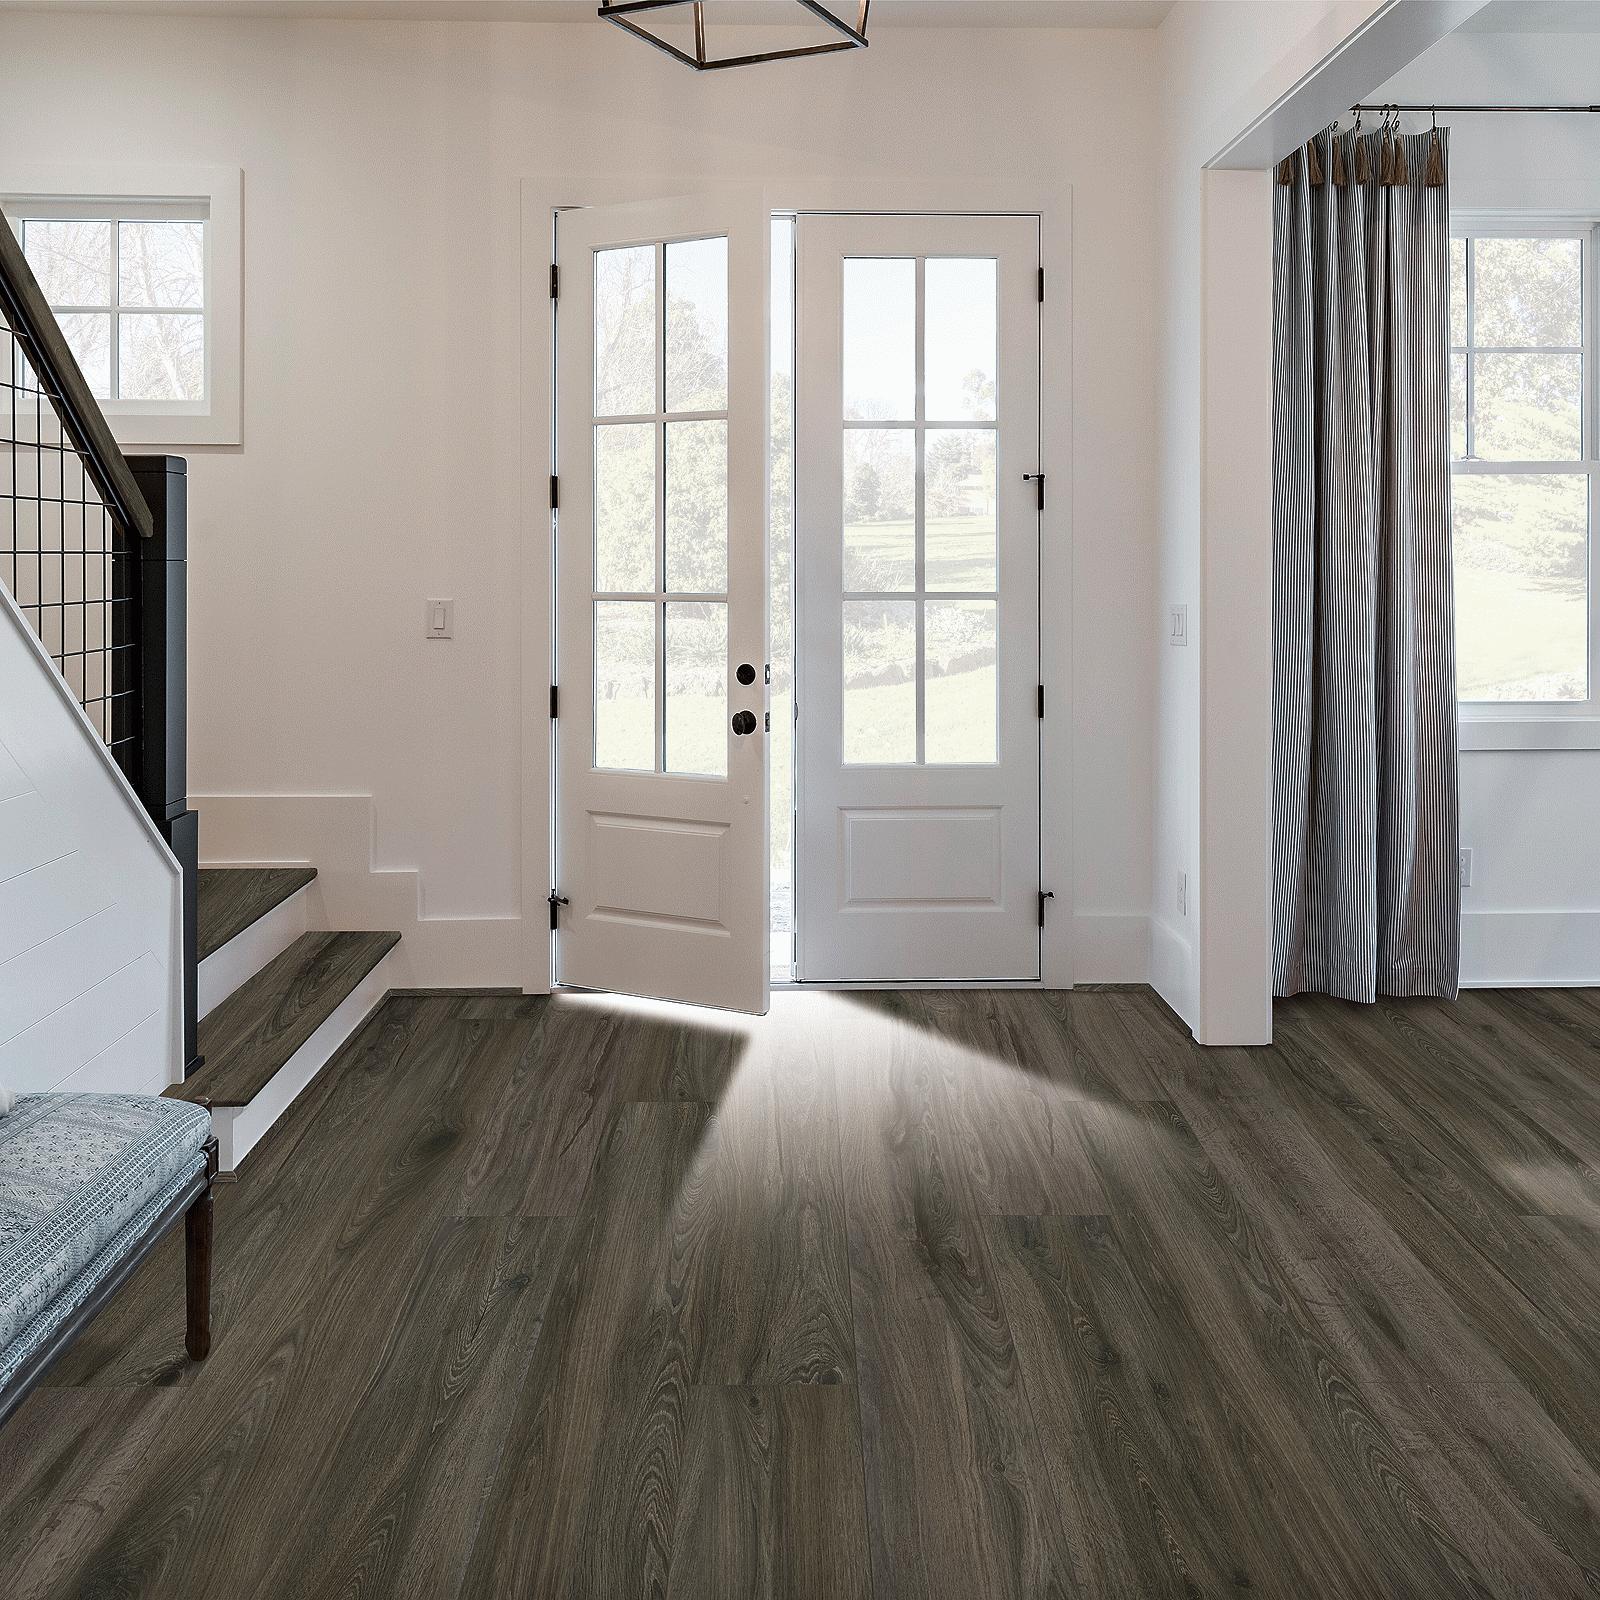 Flooring   O'Krent Floors